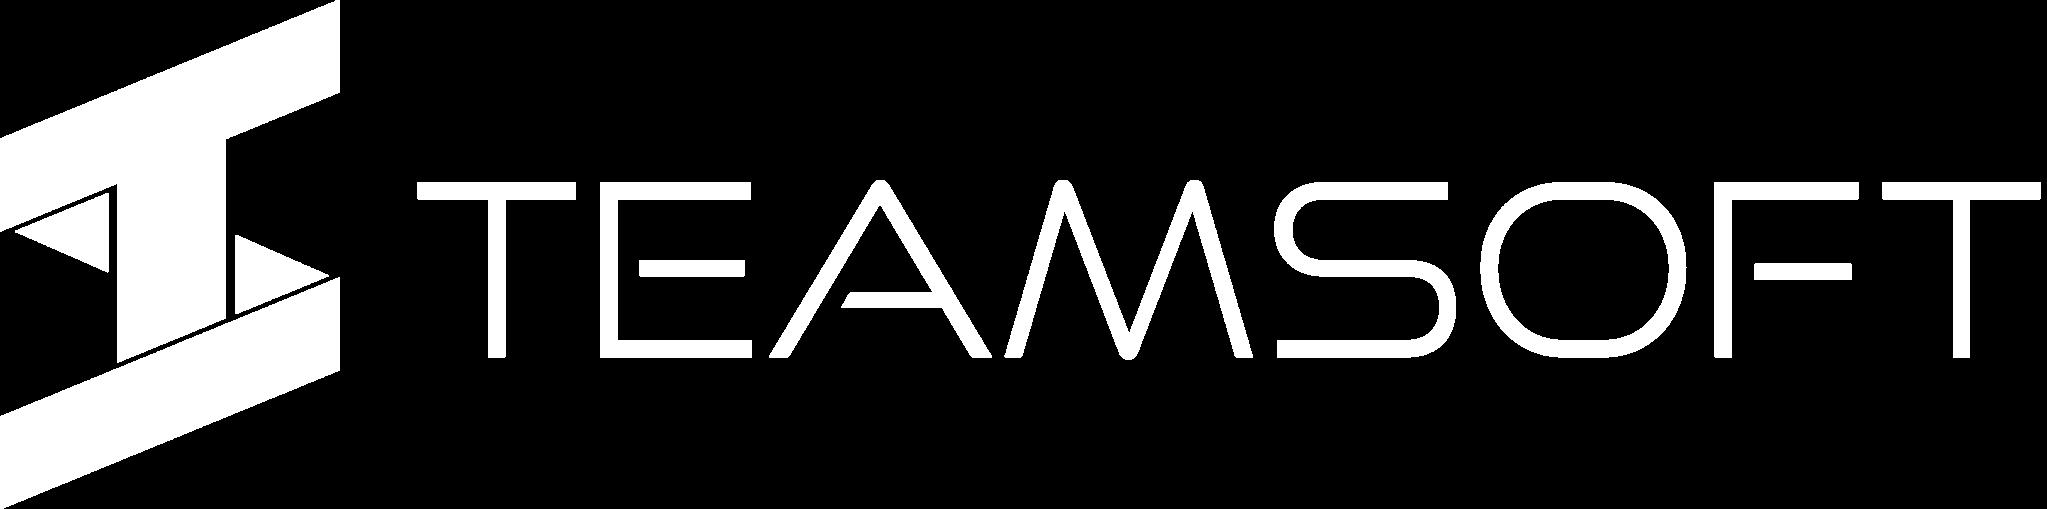 Team-Software Logo